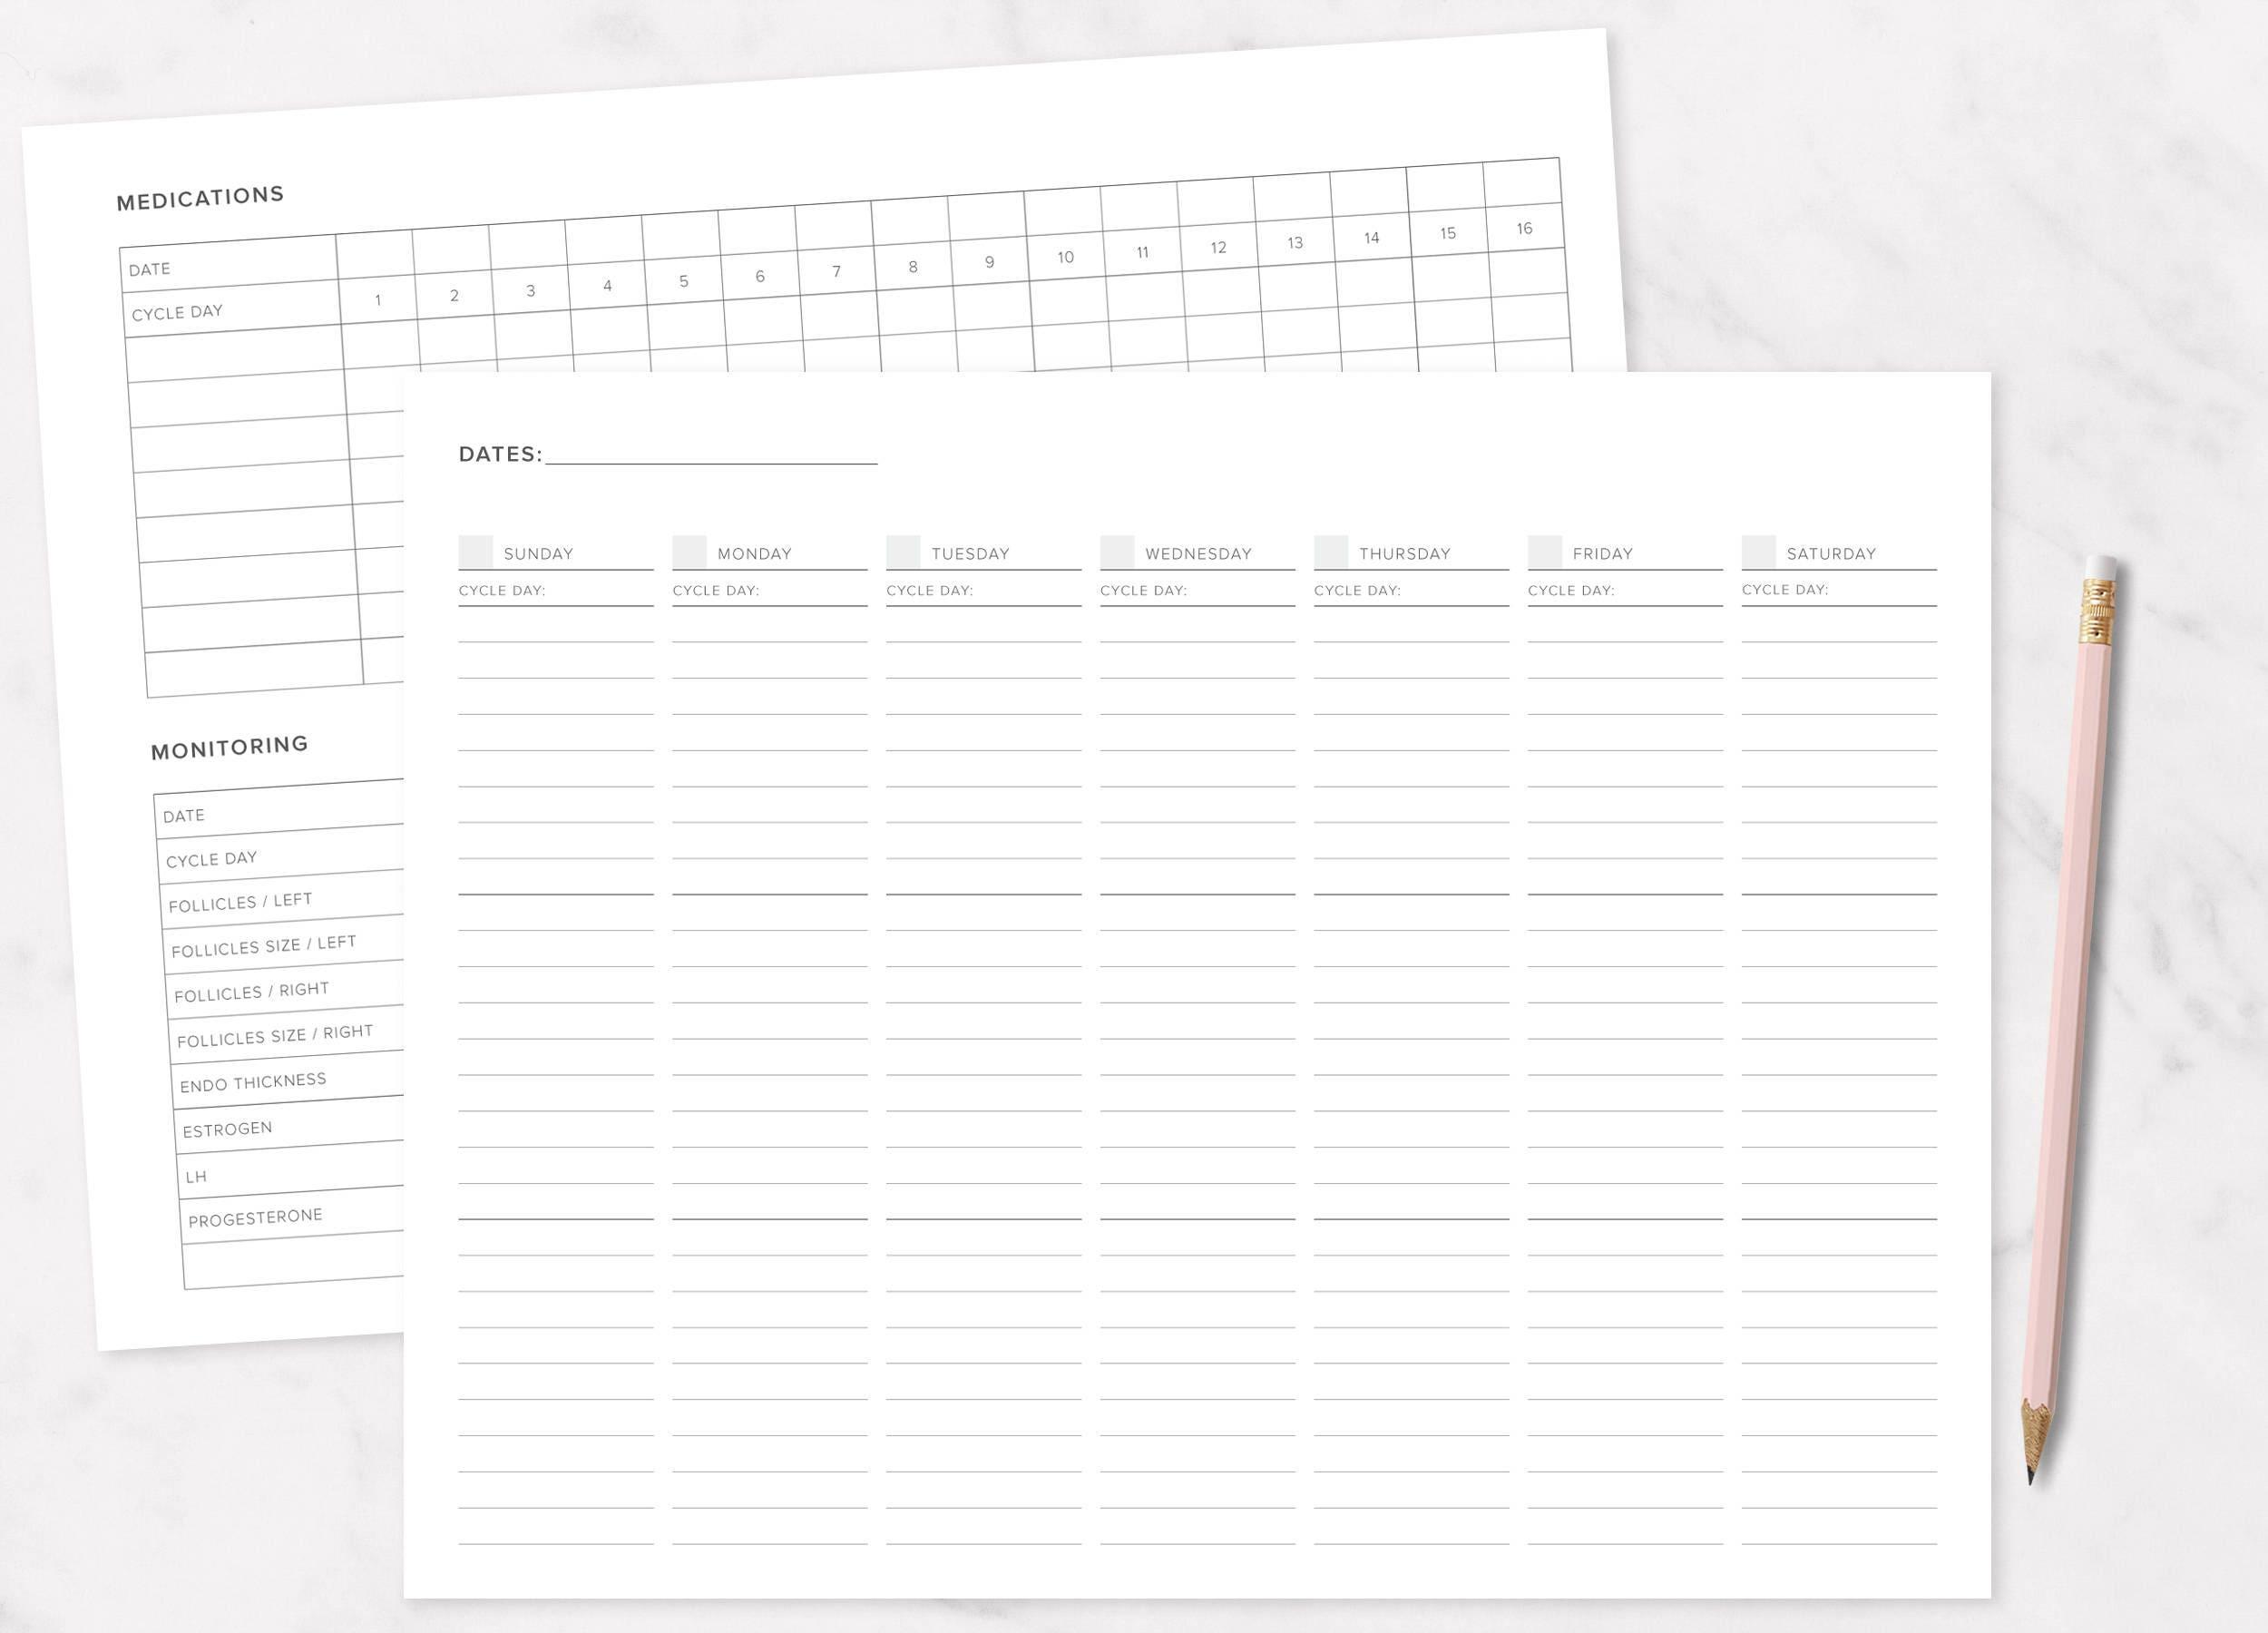 IVF / IUI Medication & Monitoring Weekly Calendar Printable | TTC, Undated  Weekly Planner